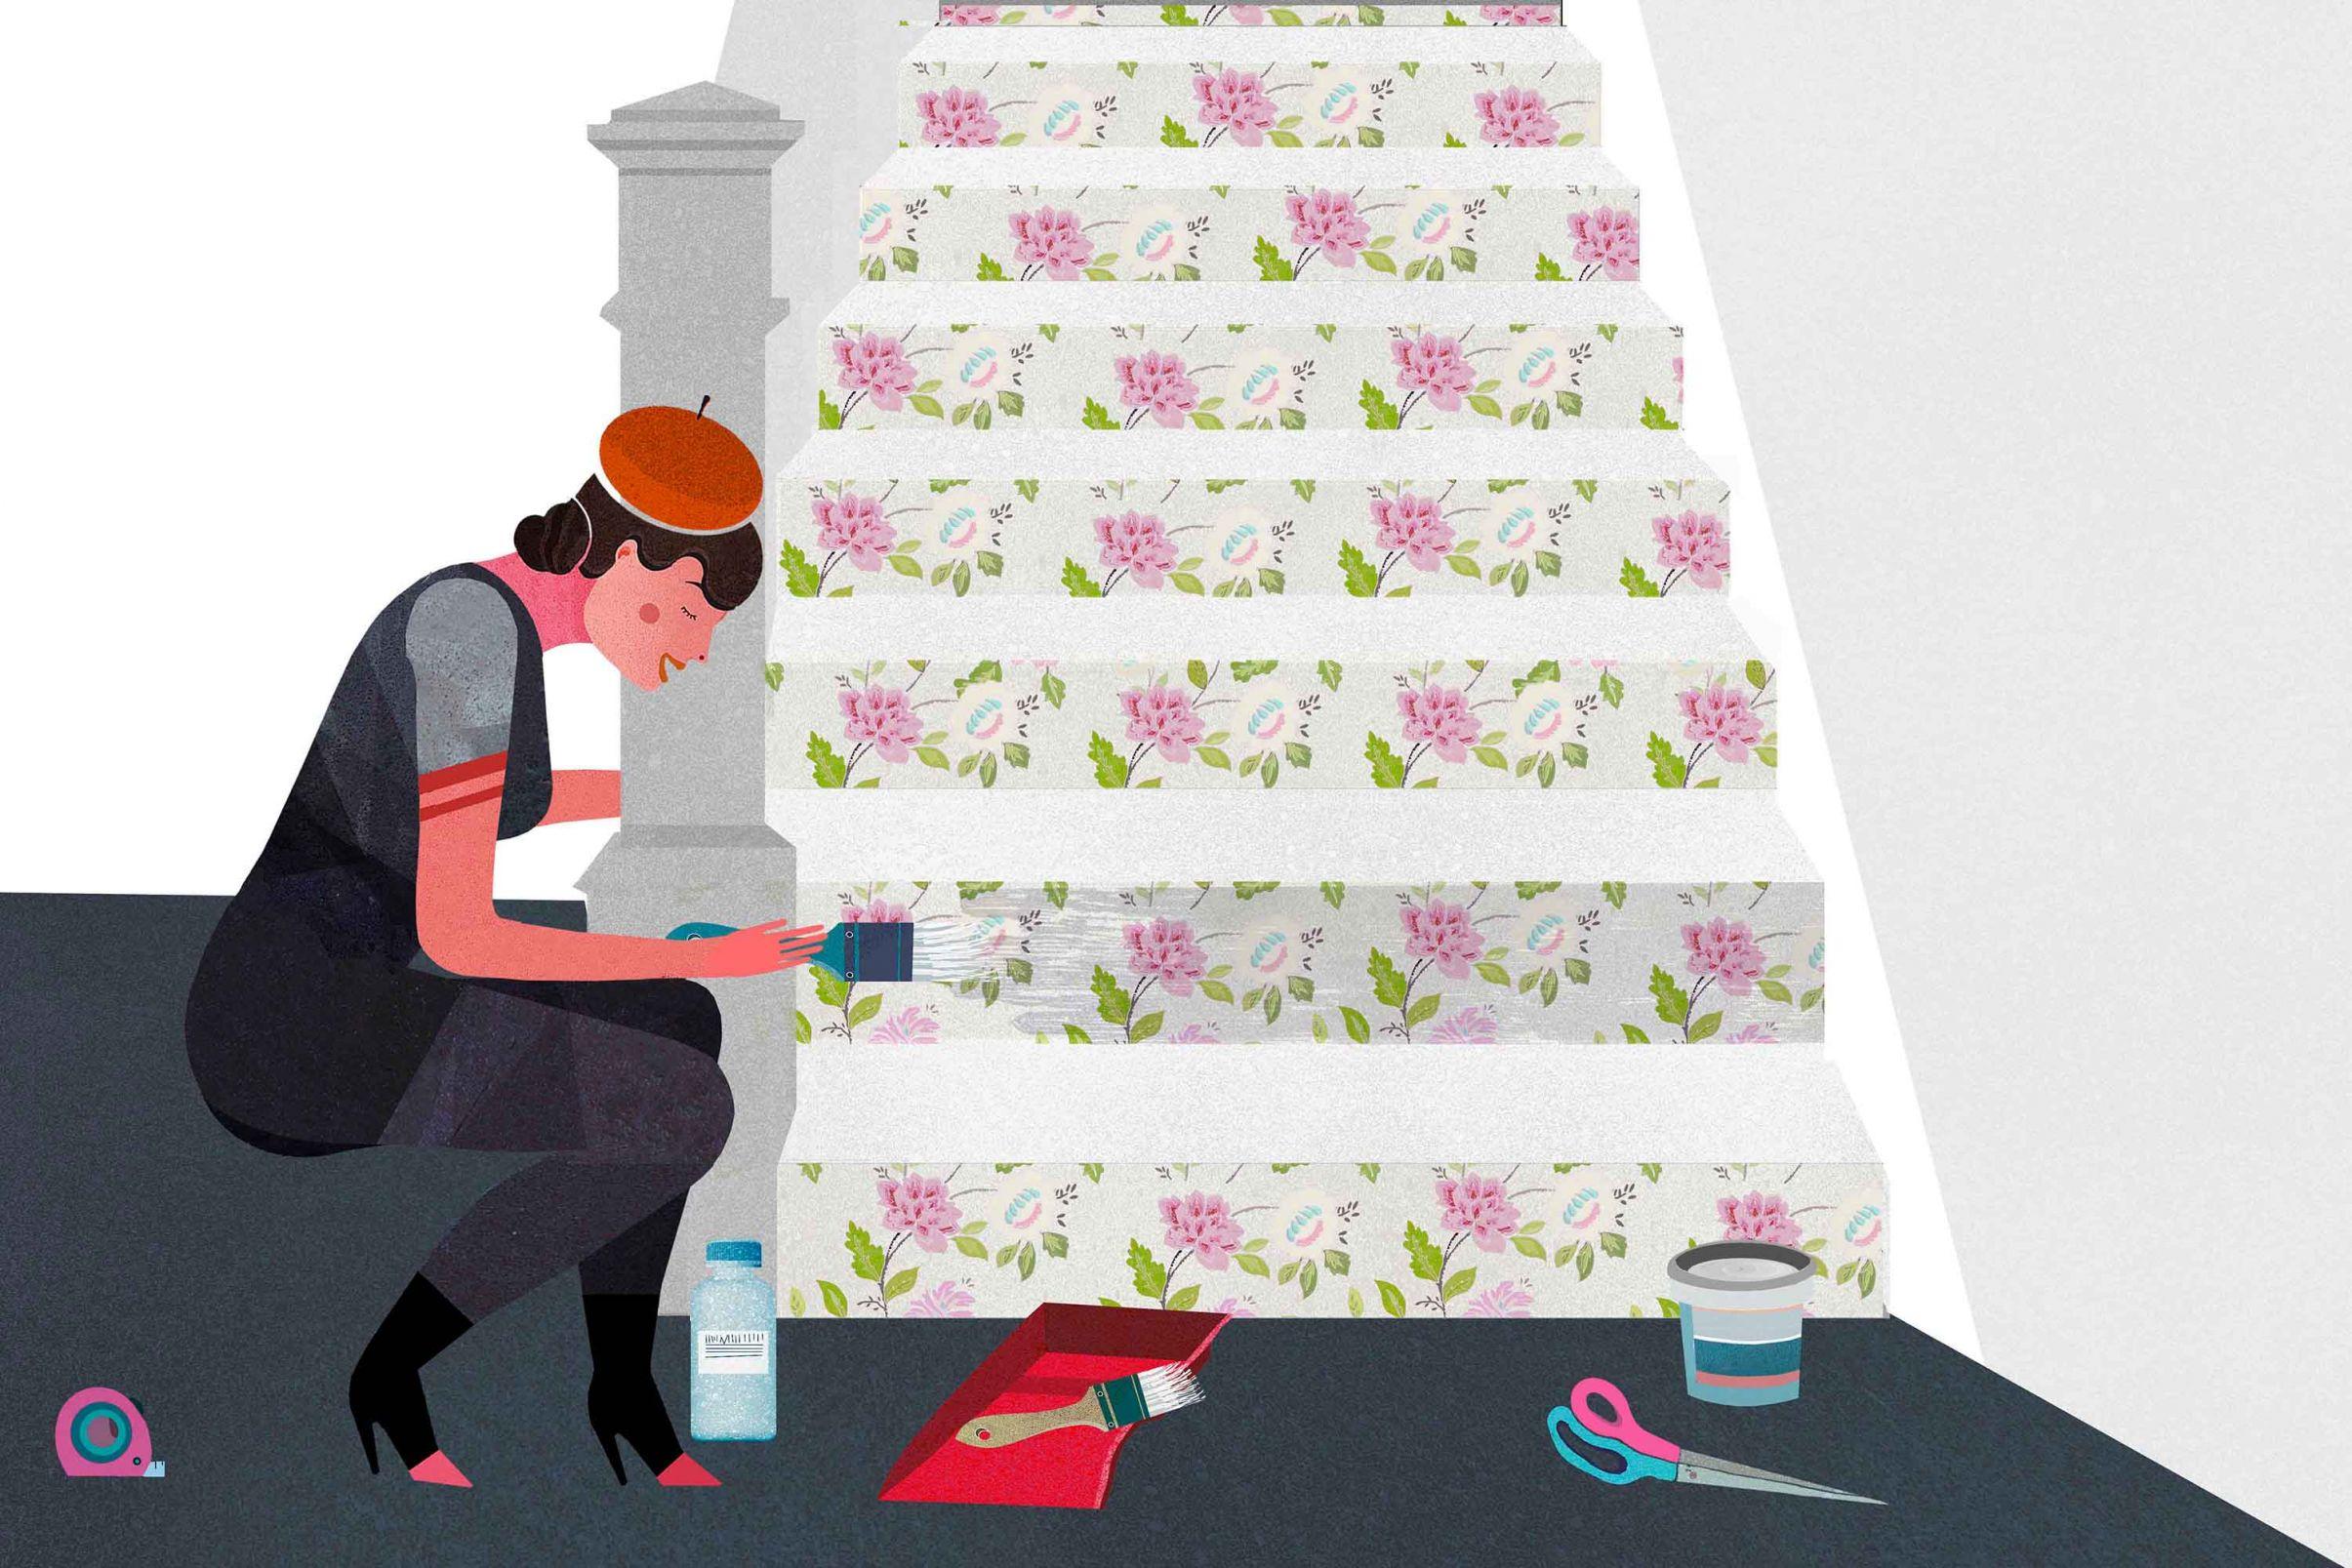 Comment-embellir-des-escaliers-avec-du-papier-peint-Appliquer-une-couche-de-peinture-latex-transparente-pour-proteger-le-papier-peint